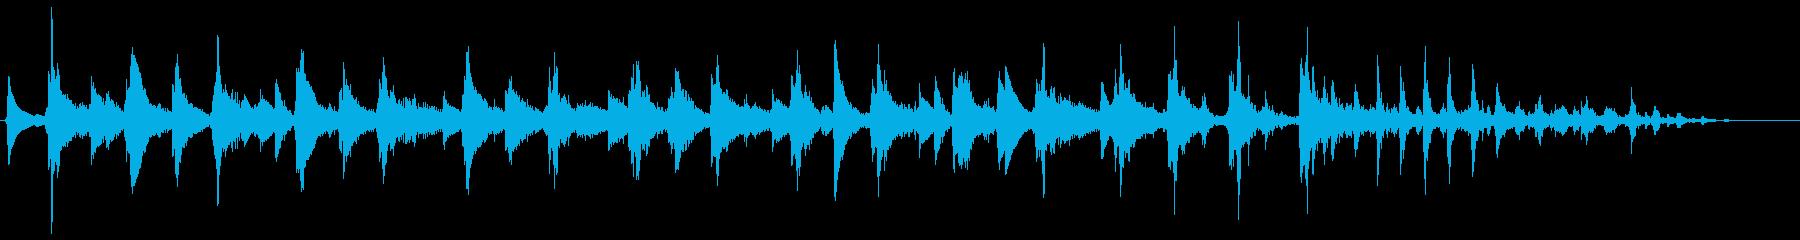 ウクレレ 日常の1コマに ジングルの再生済みの波形